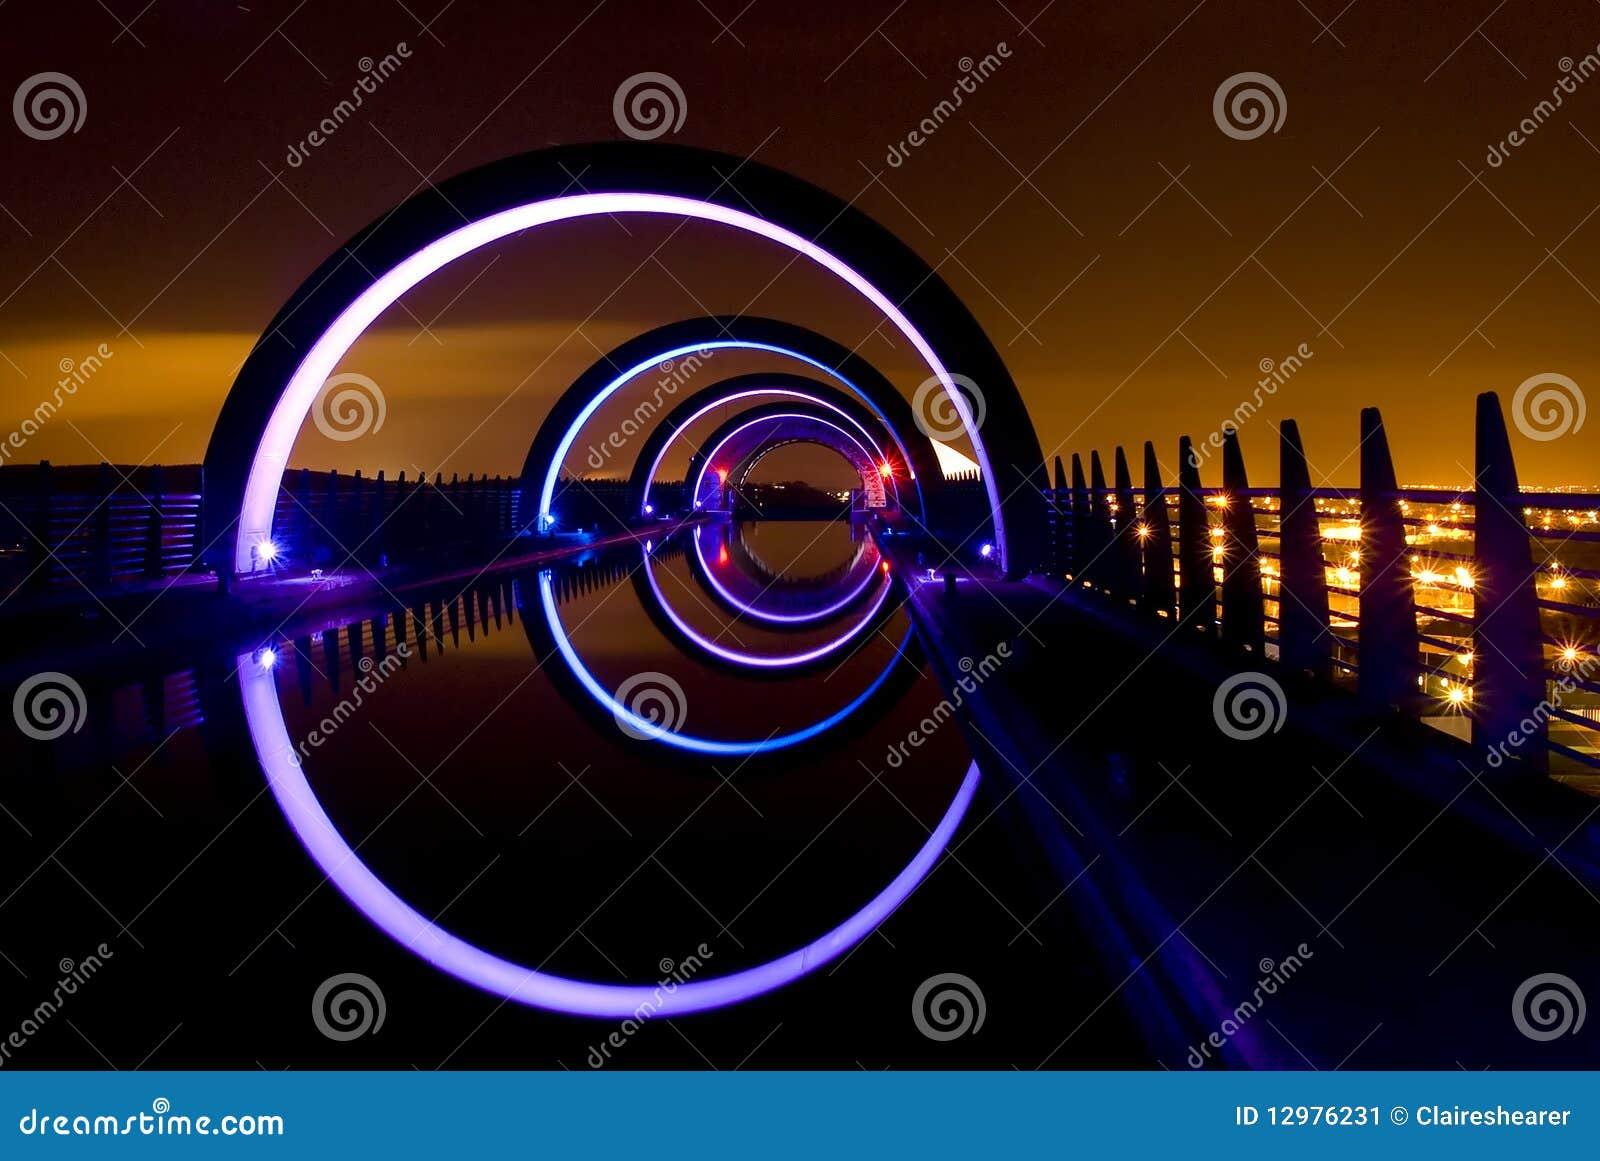 Falkirk Wheel At Night Stock Image - Image: 12976231